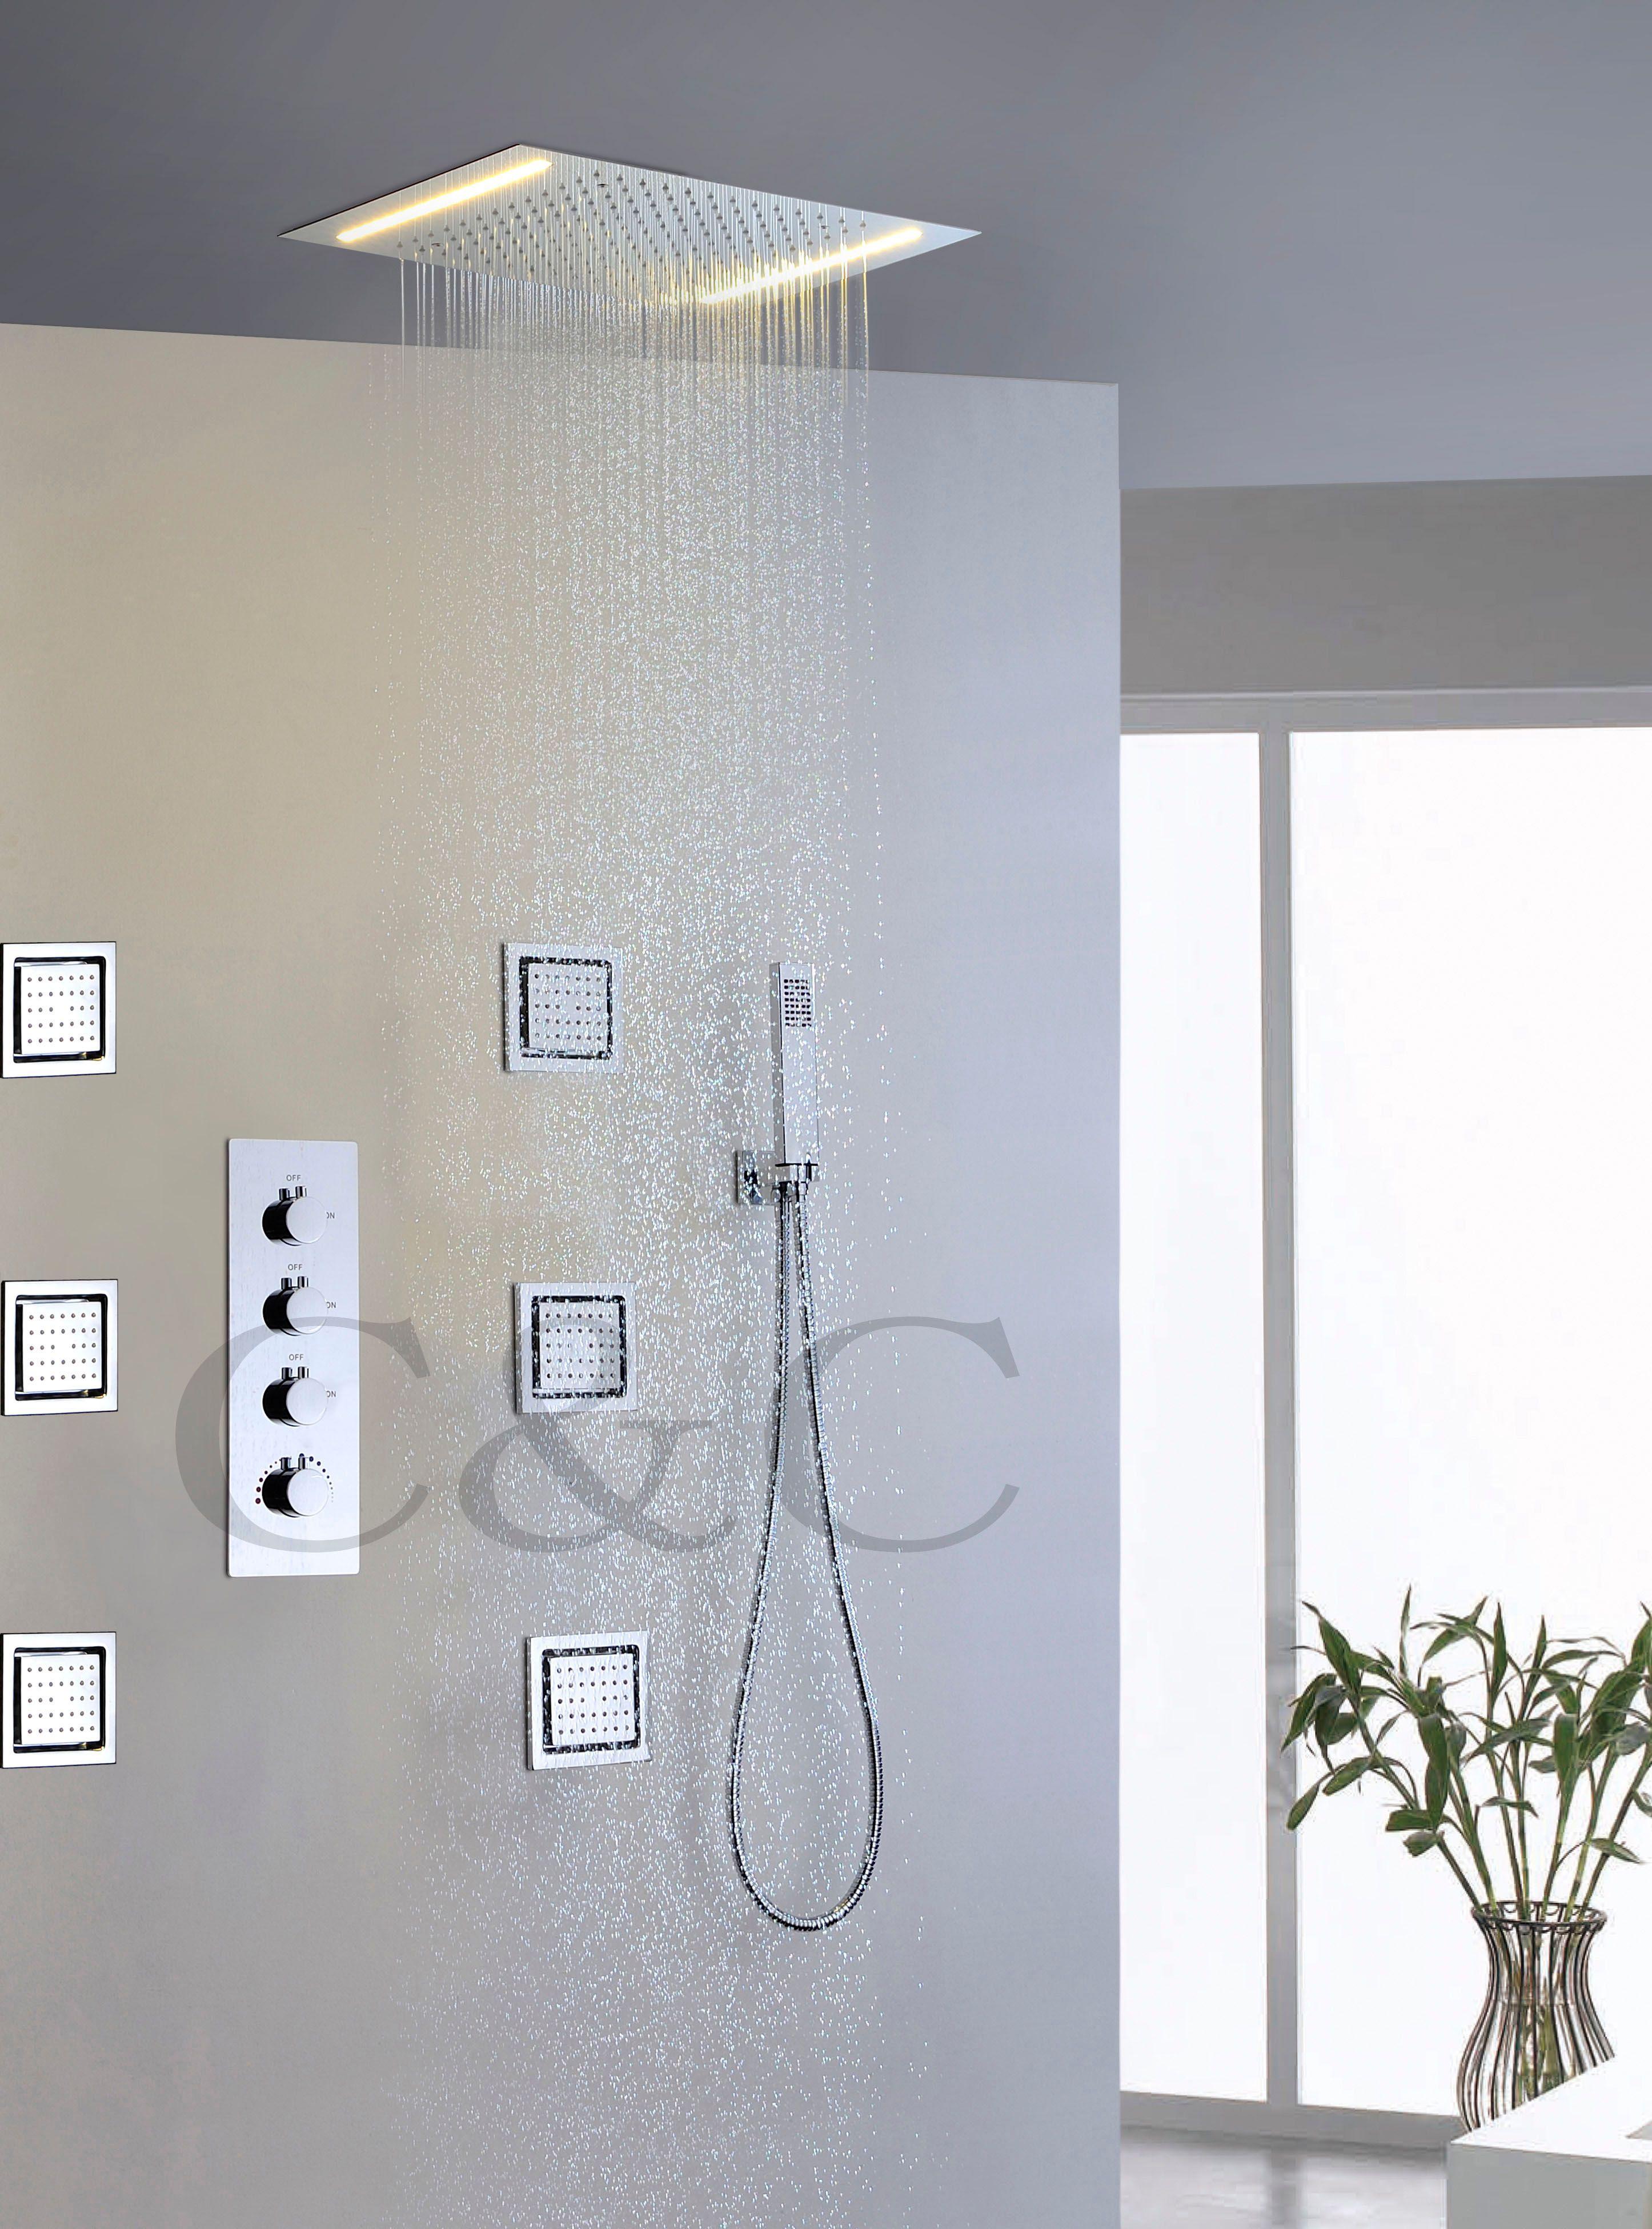 큰 물 흐름 강우 욕실 샤워 꼭지 세트 교류 더블 행 LED 옐로우 램프 강우량 샤워 헤드 008-50X36E-6MF